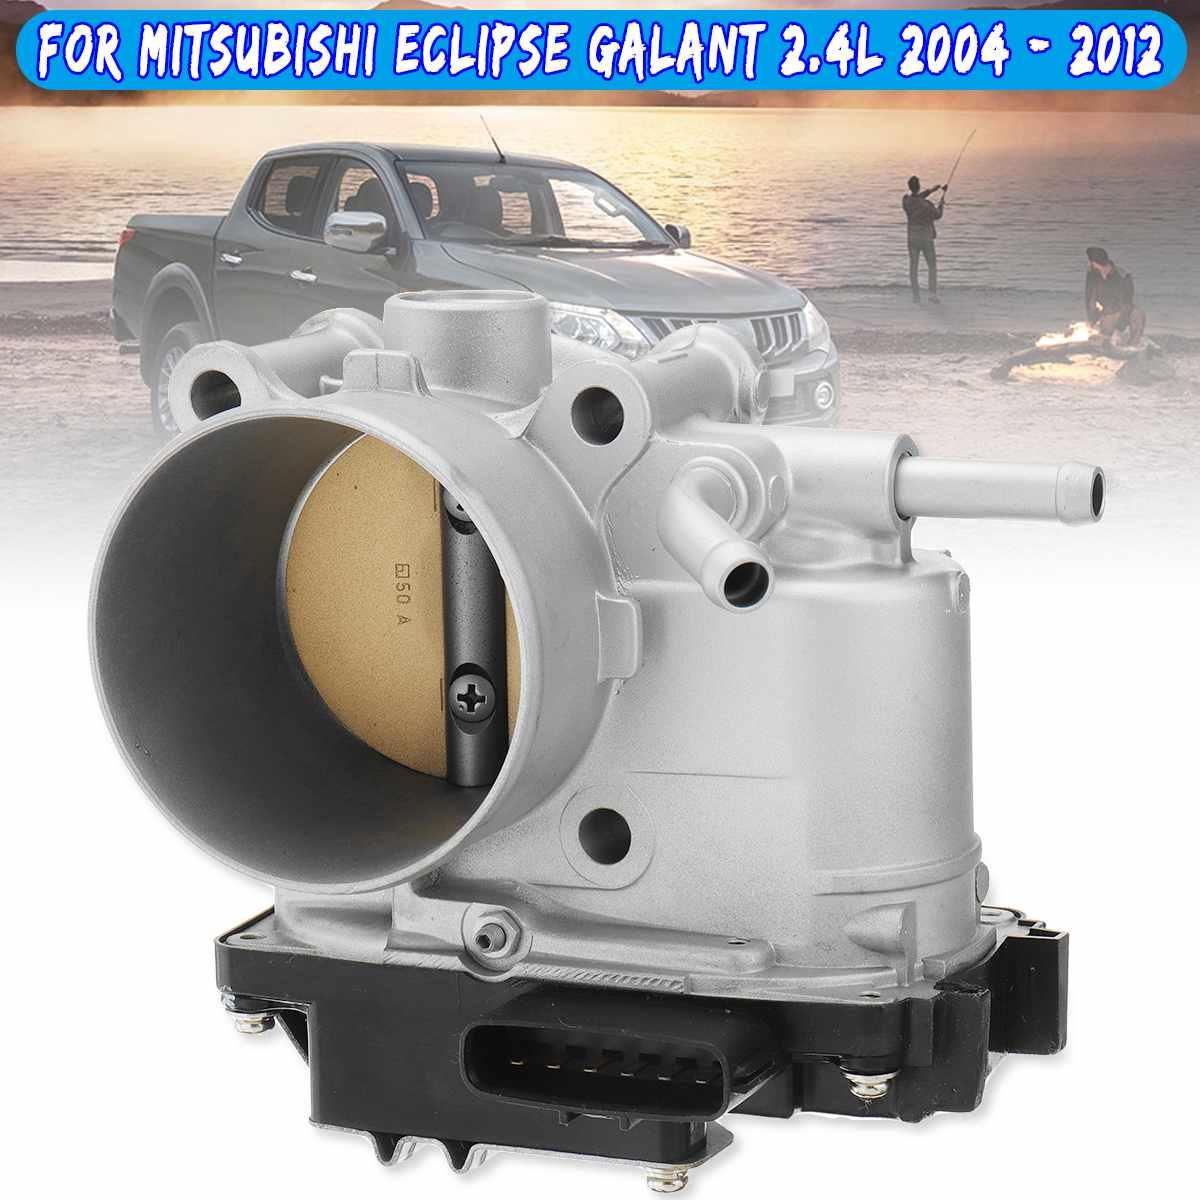 Valve de corps d'accélérateur MN135985 adaptée pour Mitsubishi Eclipse Galant 2.4L 2004-2012 pièces de rechange automatiques en métal argenté